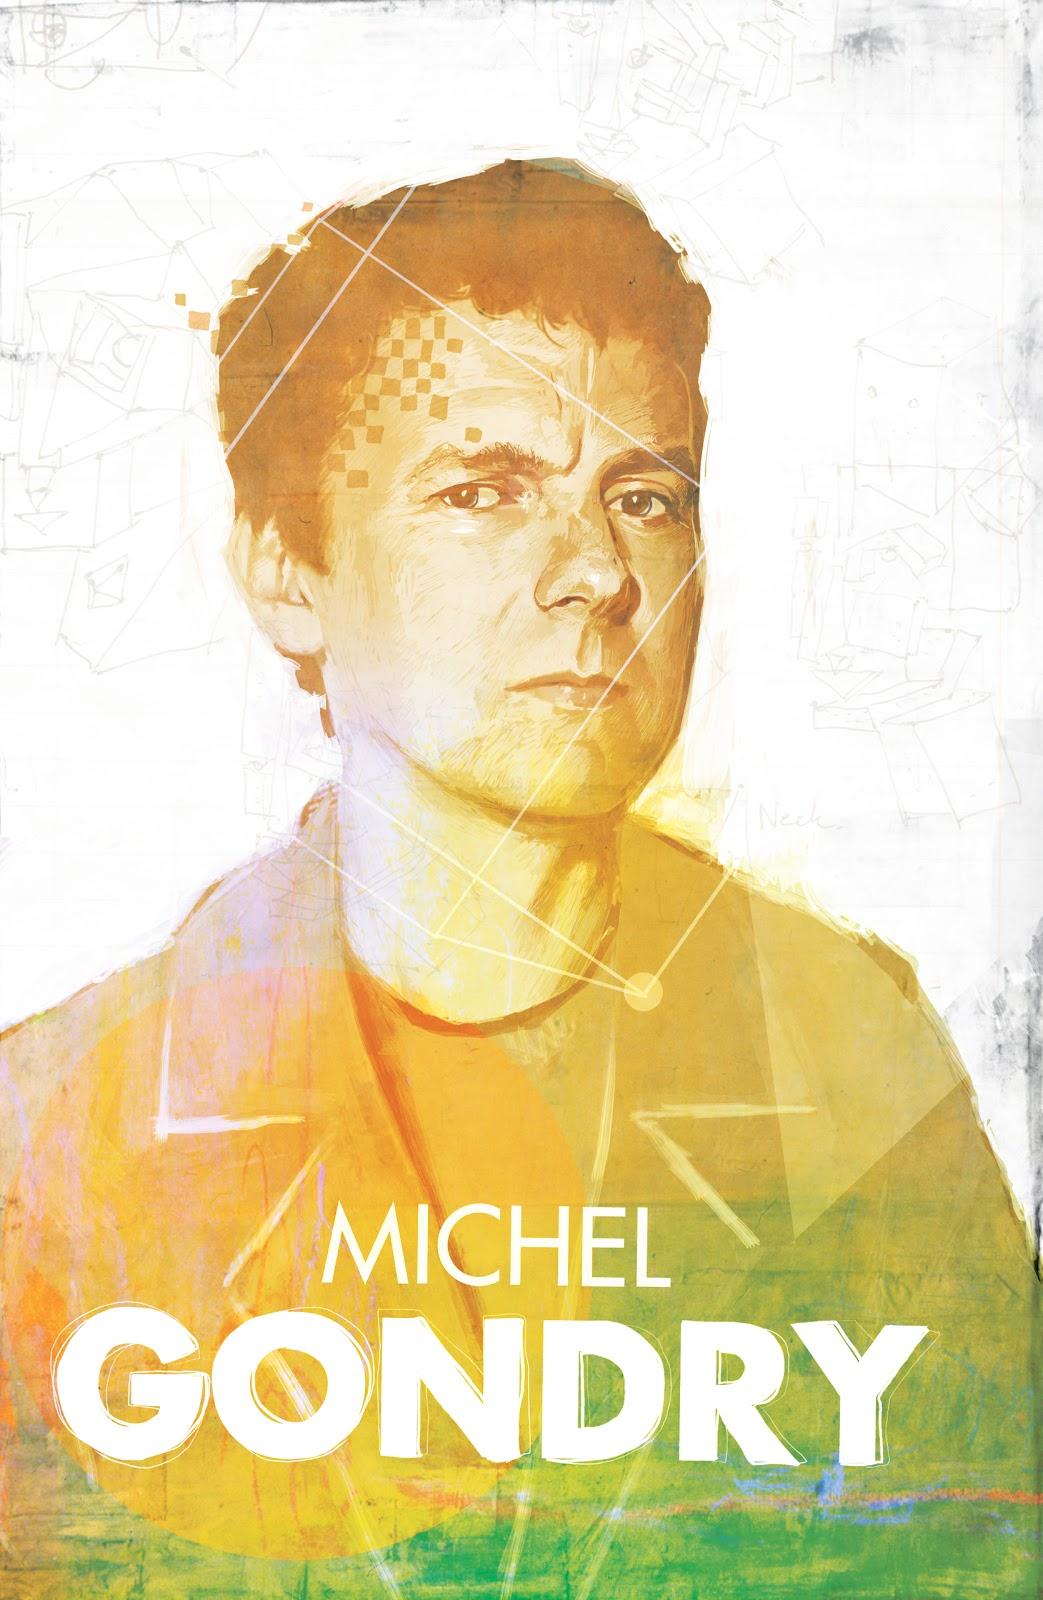 http://2.bp.blogspot.com/-IwgiAHxLyCs/T4cqi8Ug3HI/AAAAAAAAA7U/6V6gV2owOKE/s1600/Michel-Gondry_Adrien_Deggan2.jpg